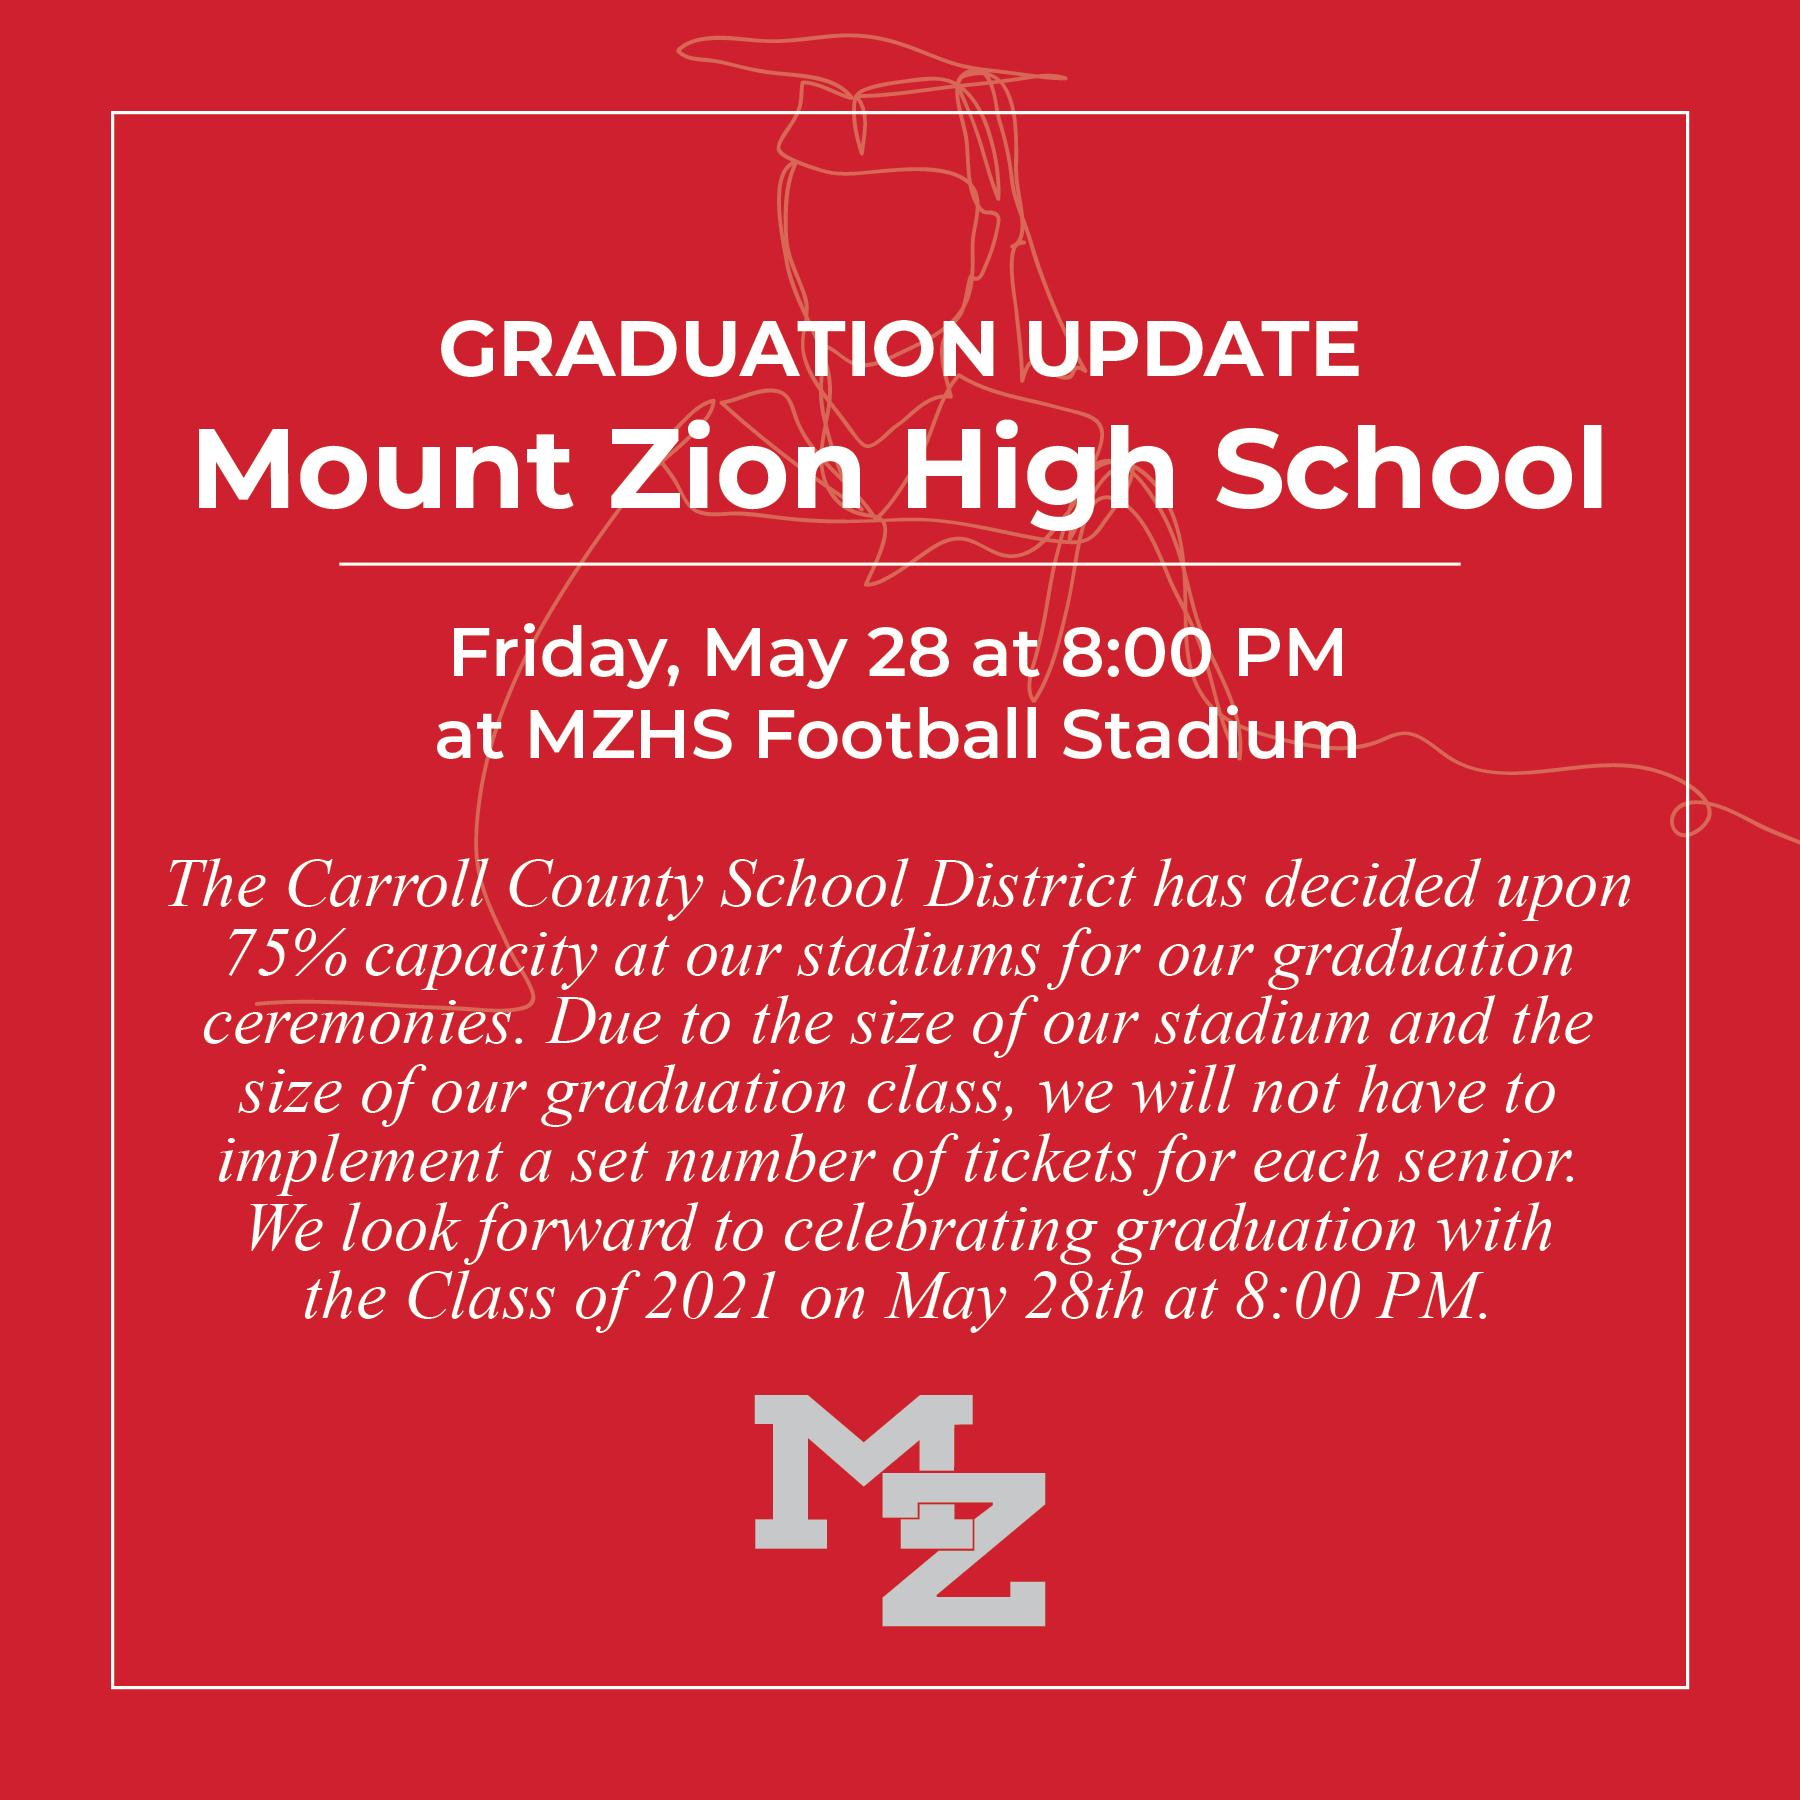 MZHS graduation announcement